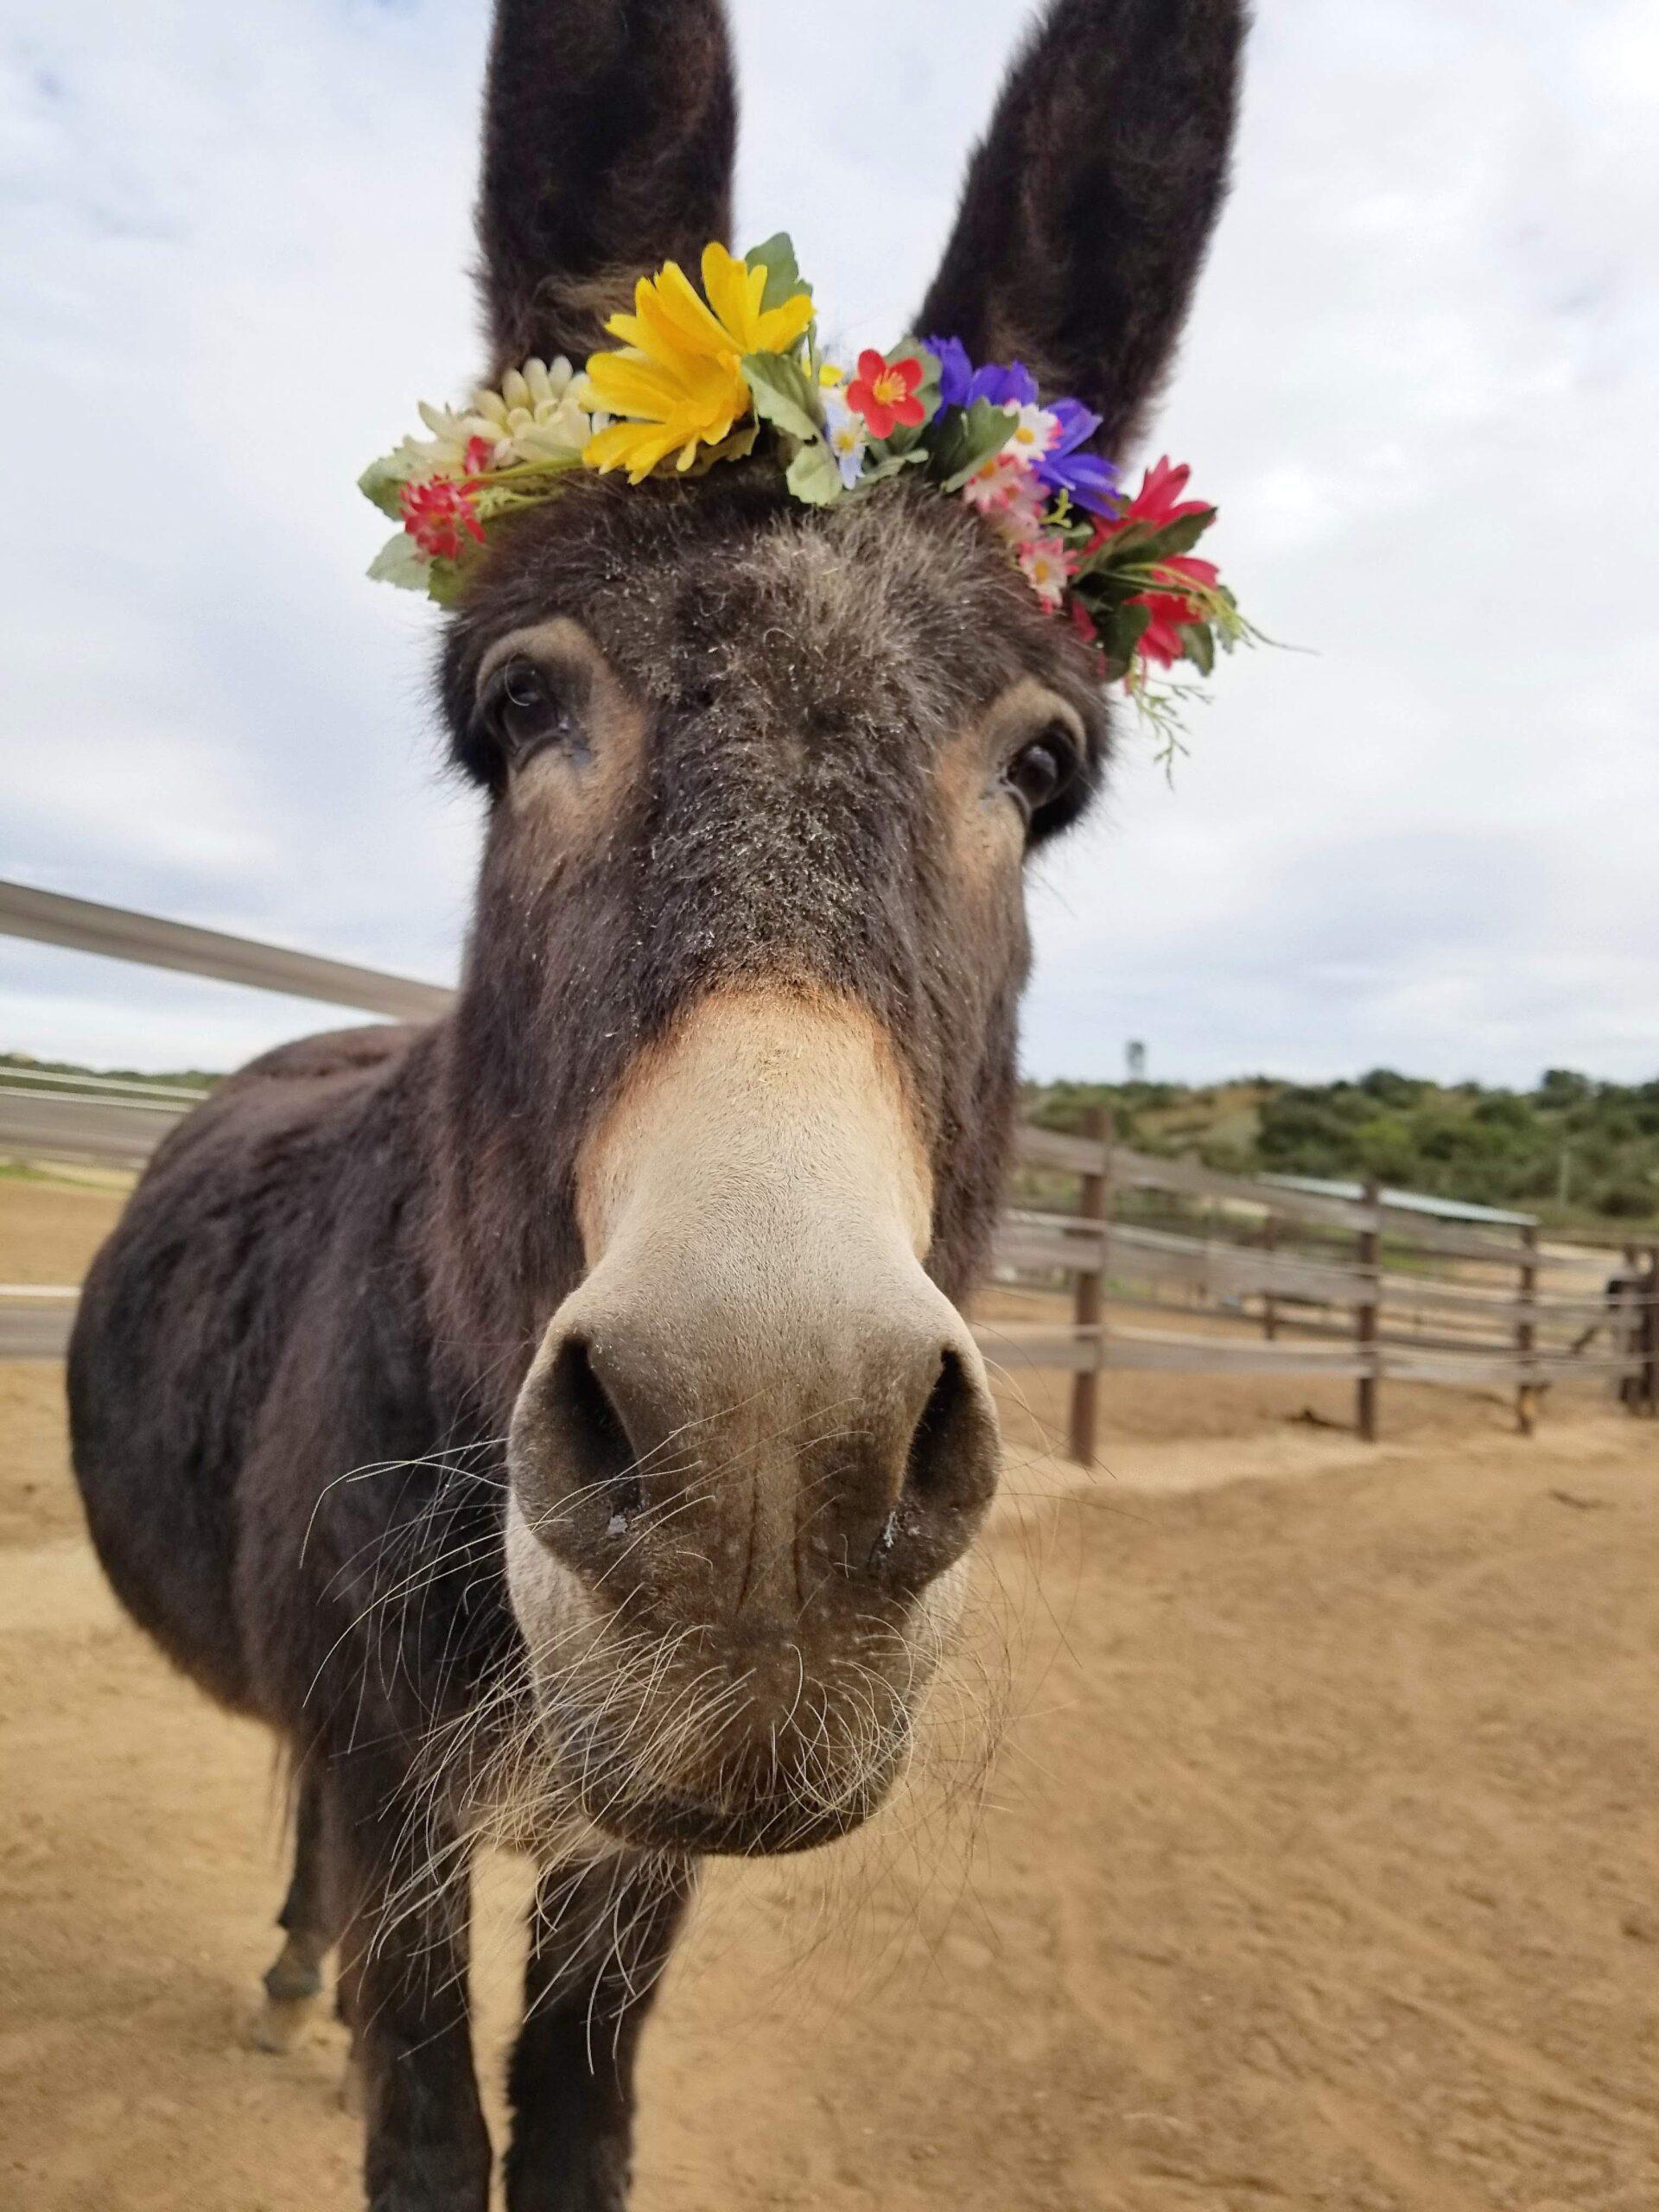 Punkin the donkey